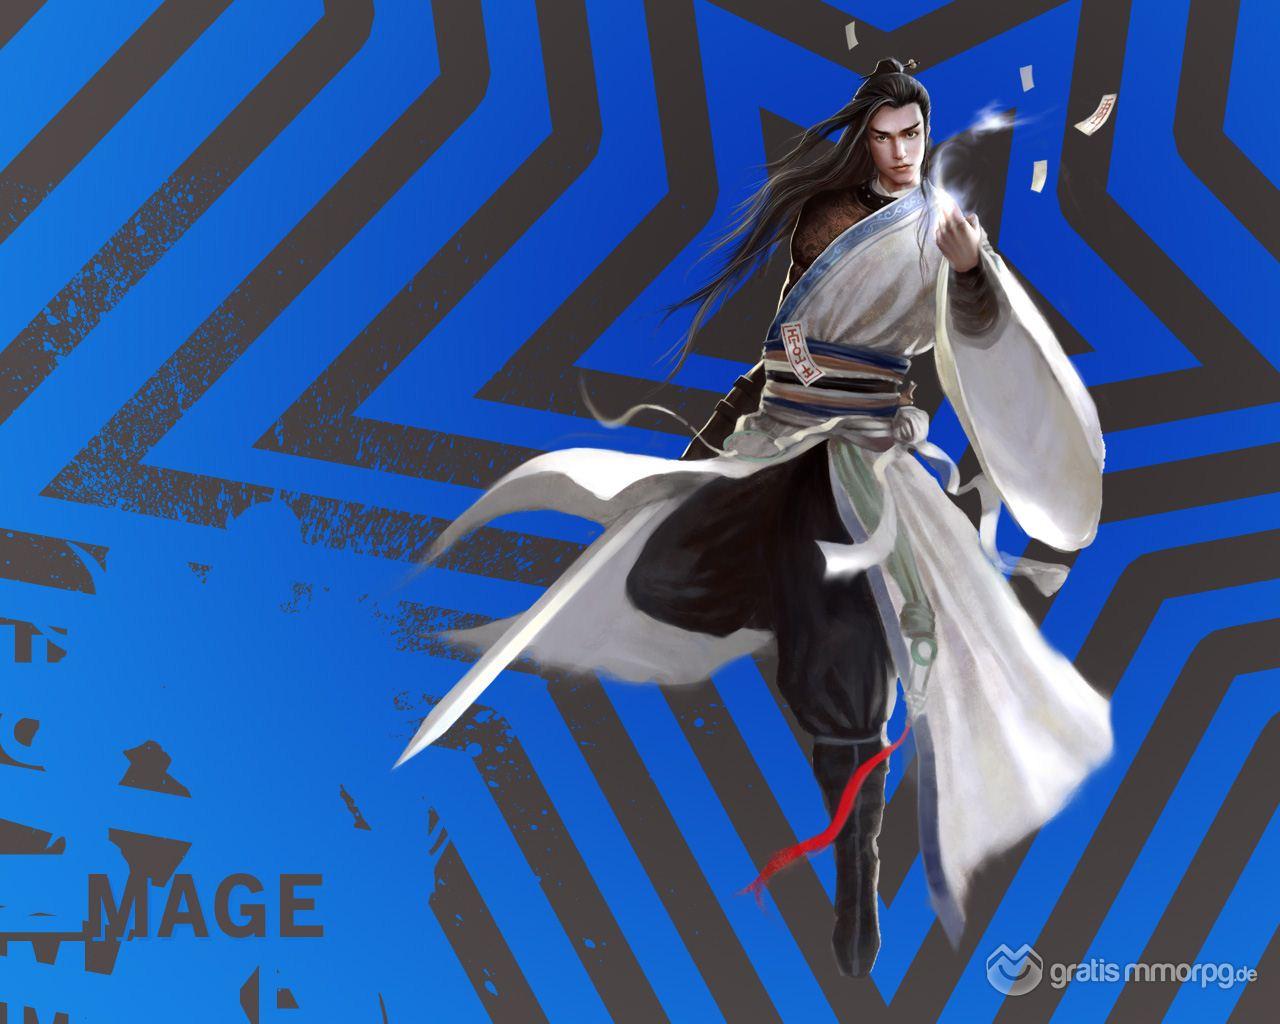 Klicke auf die Grafik für eine größere AnsichtName:DragonSoul-Warrior-preview-2011-06-28-Artwork01.jpgHits:128Größe:133,1 KBID:3295